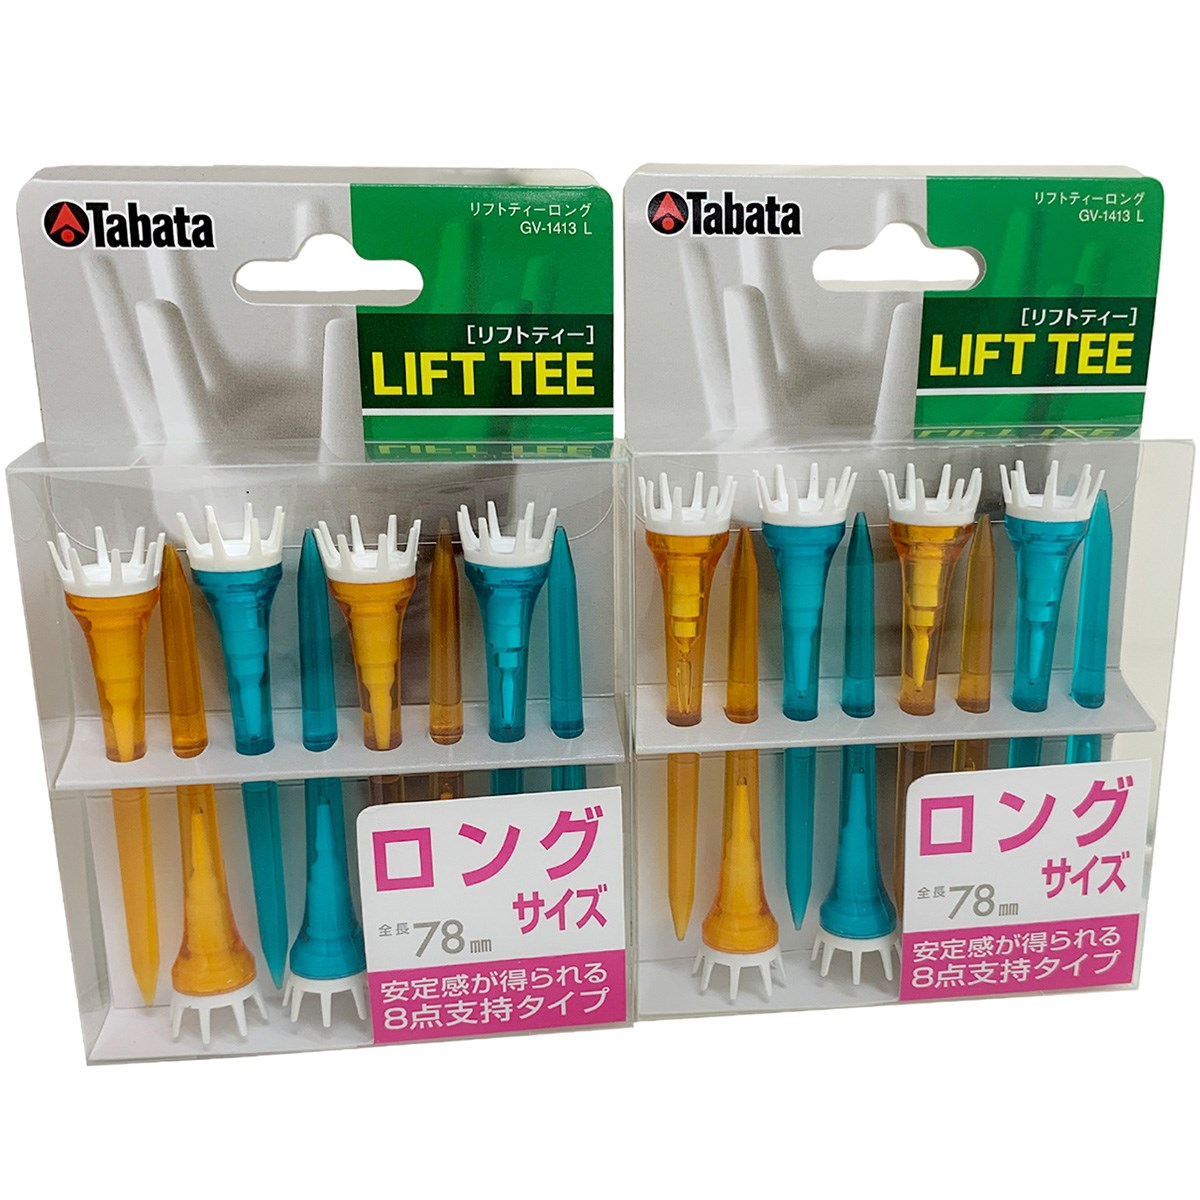 タバタ Tabata リフトティー ロング 78mm 限定カラー 2セット ブルー/オレンジ